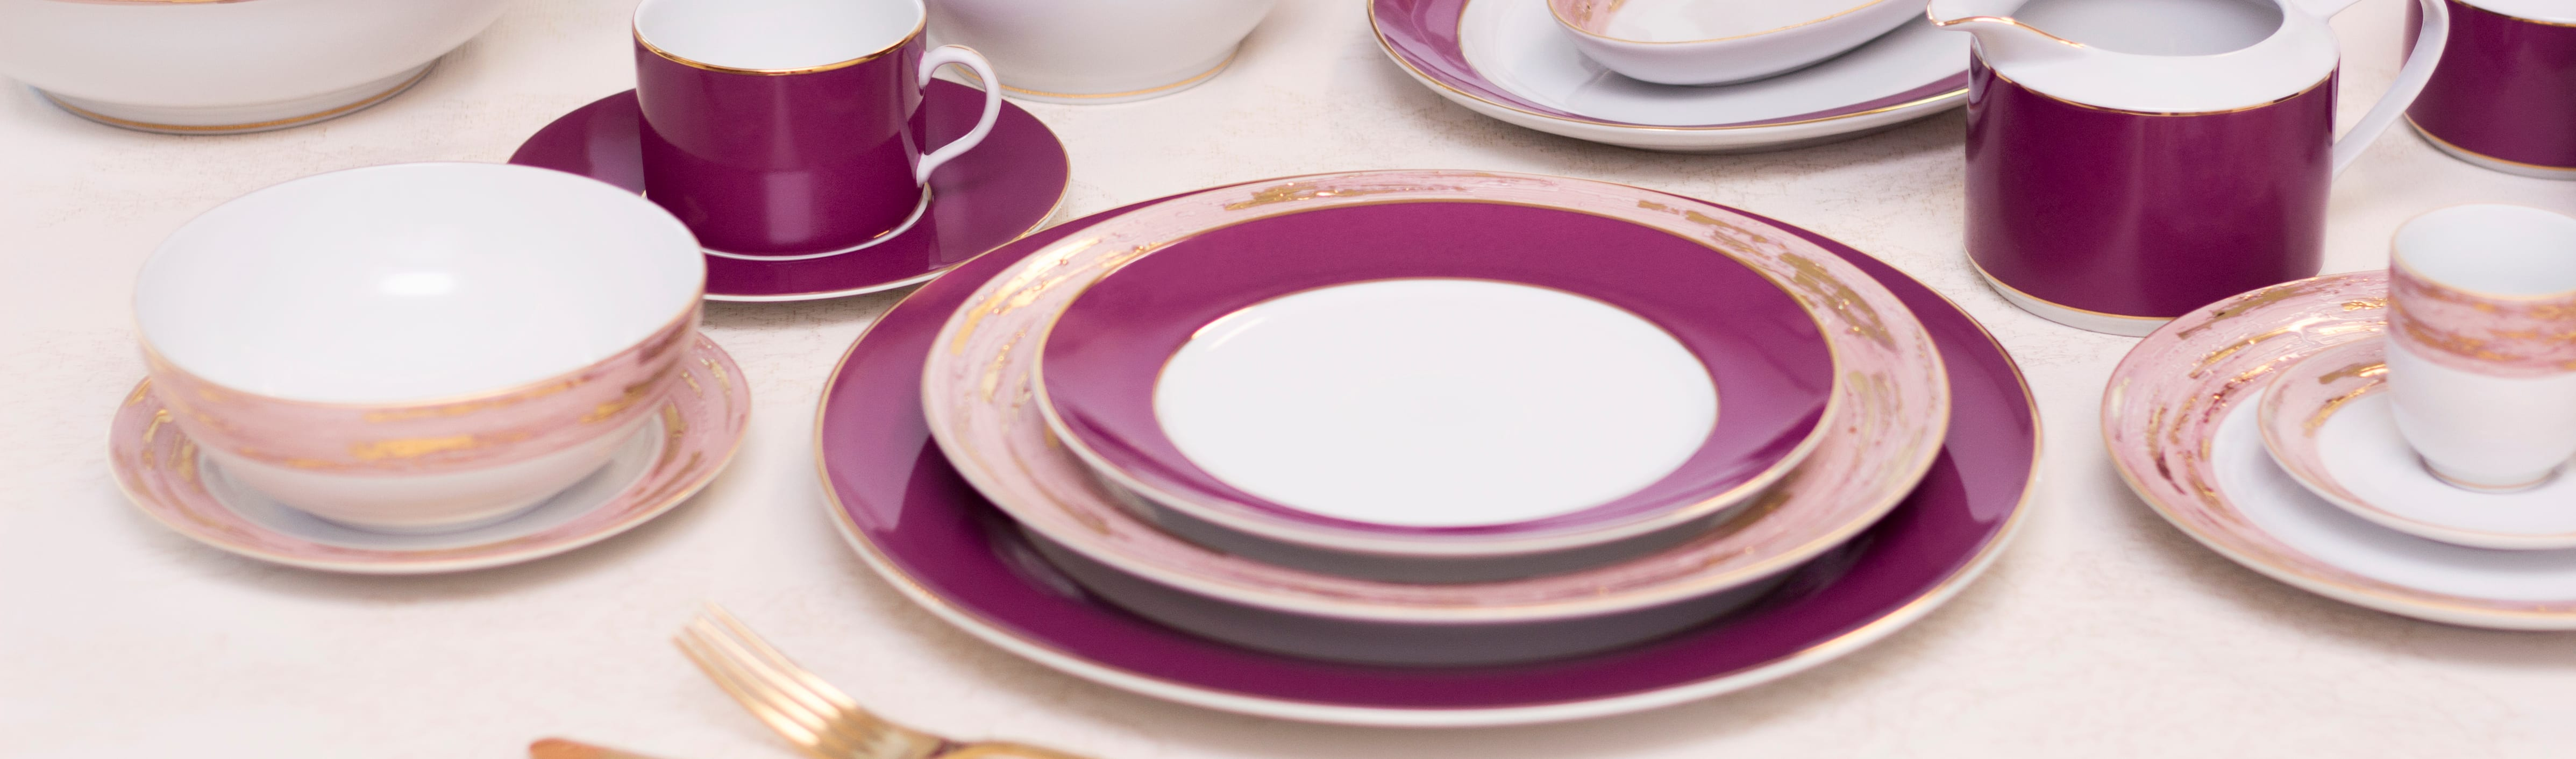 Porcel—Indústria Portuguesa de Porcelanas, S.A.